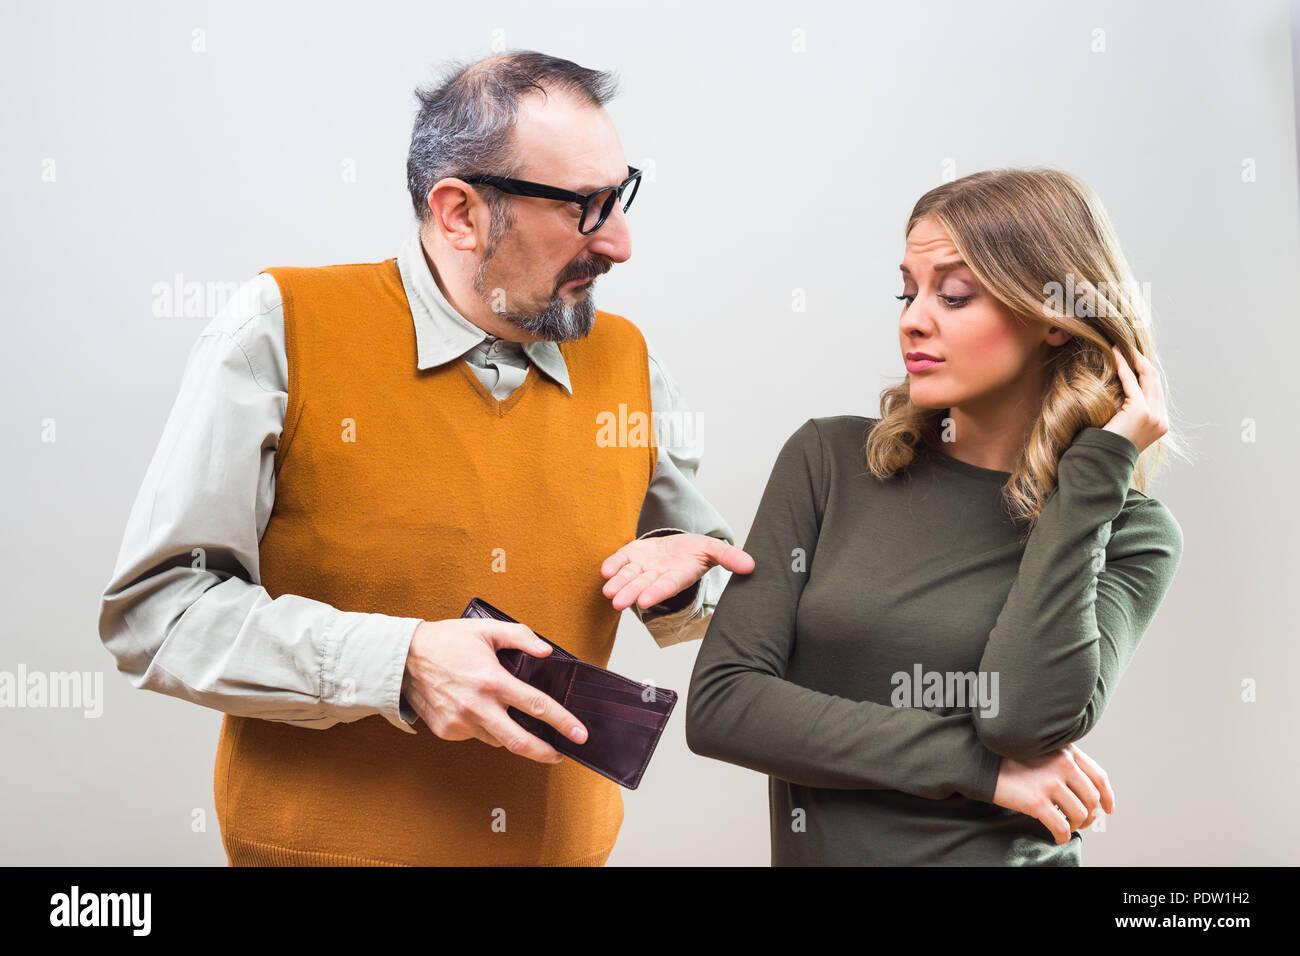 L'homme est nerdy montrant à sa femme qu'il n'a pas plus d'argent et elle est déçue. Photo Stock